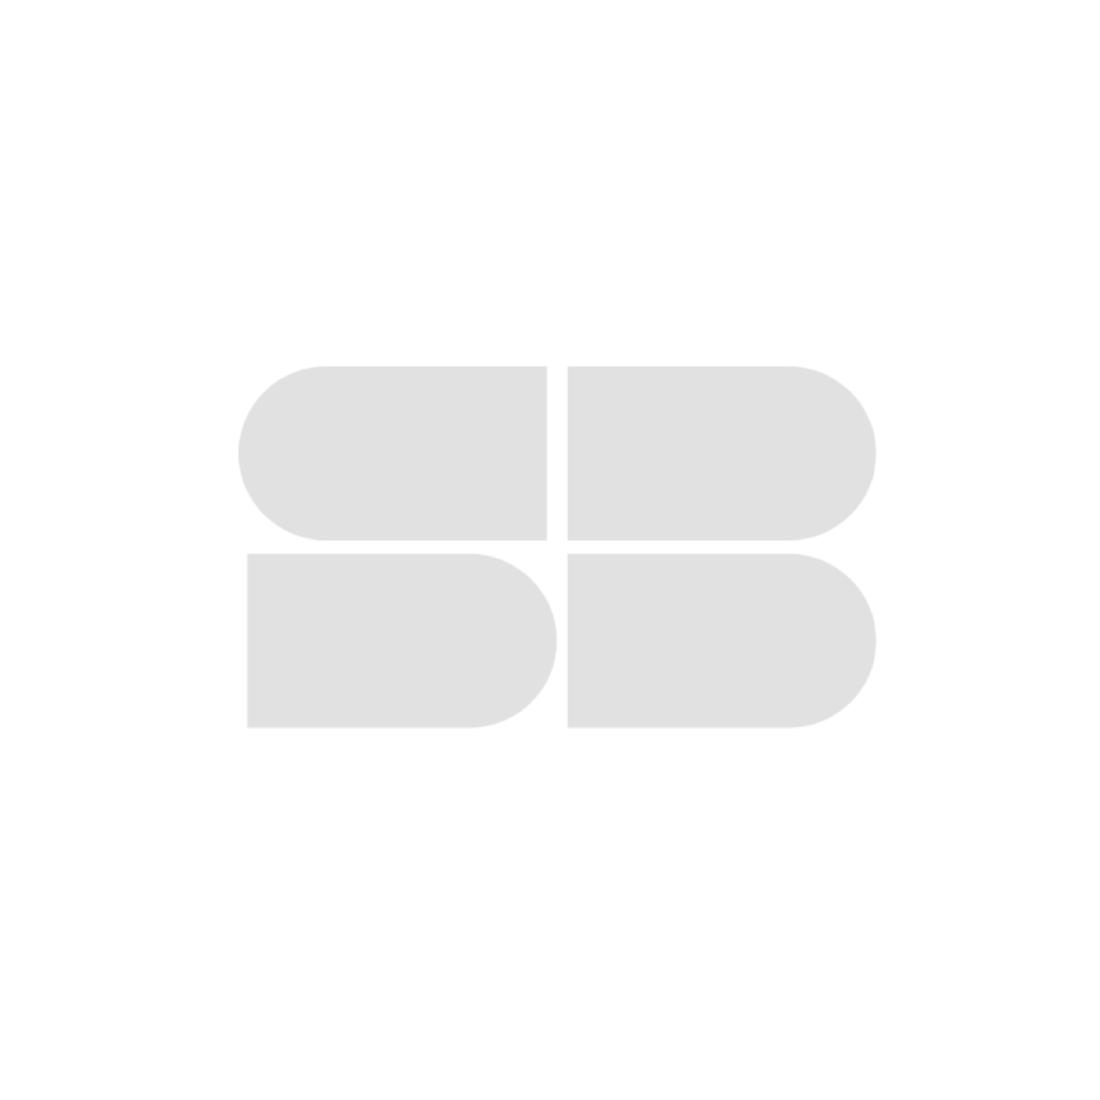 RESTONIC ที่นอน รุ่น REFLEX 3650 6 ฟุต พร้อมของแถม 5 รายการ